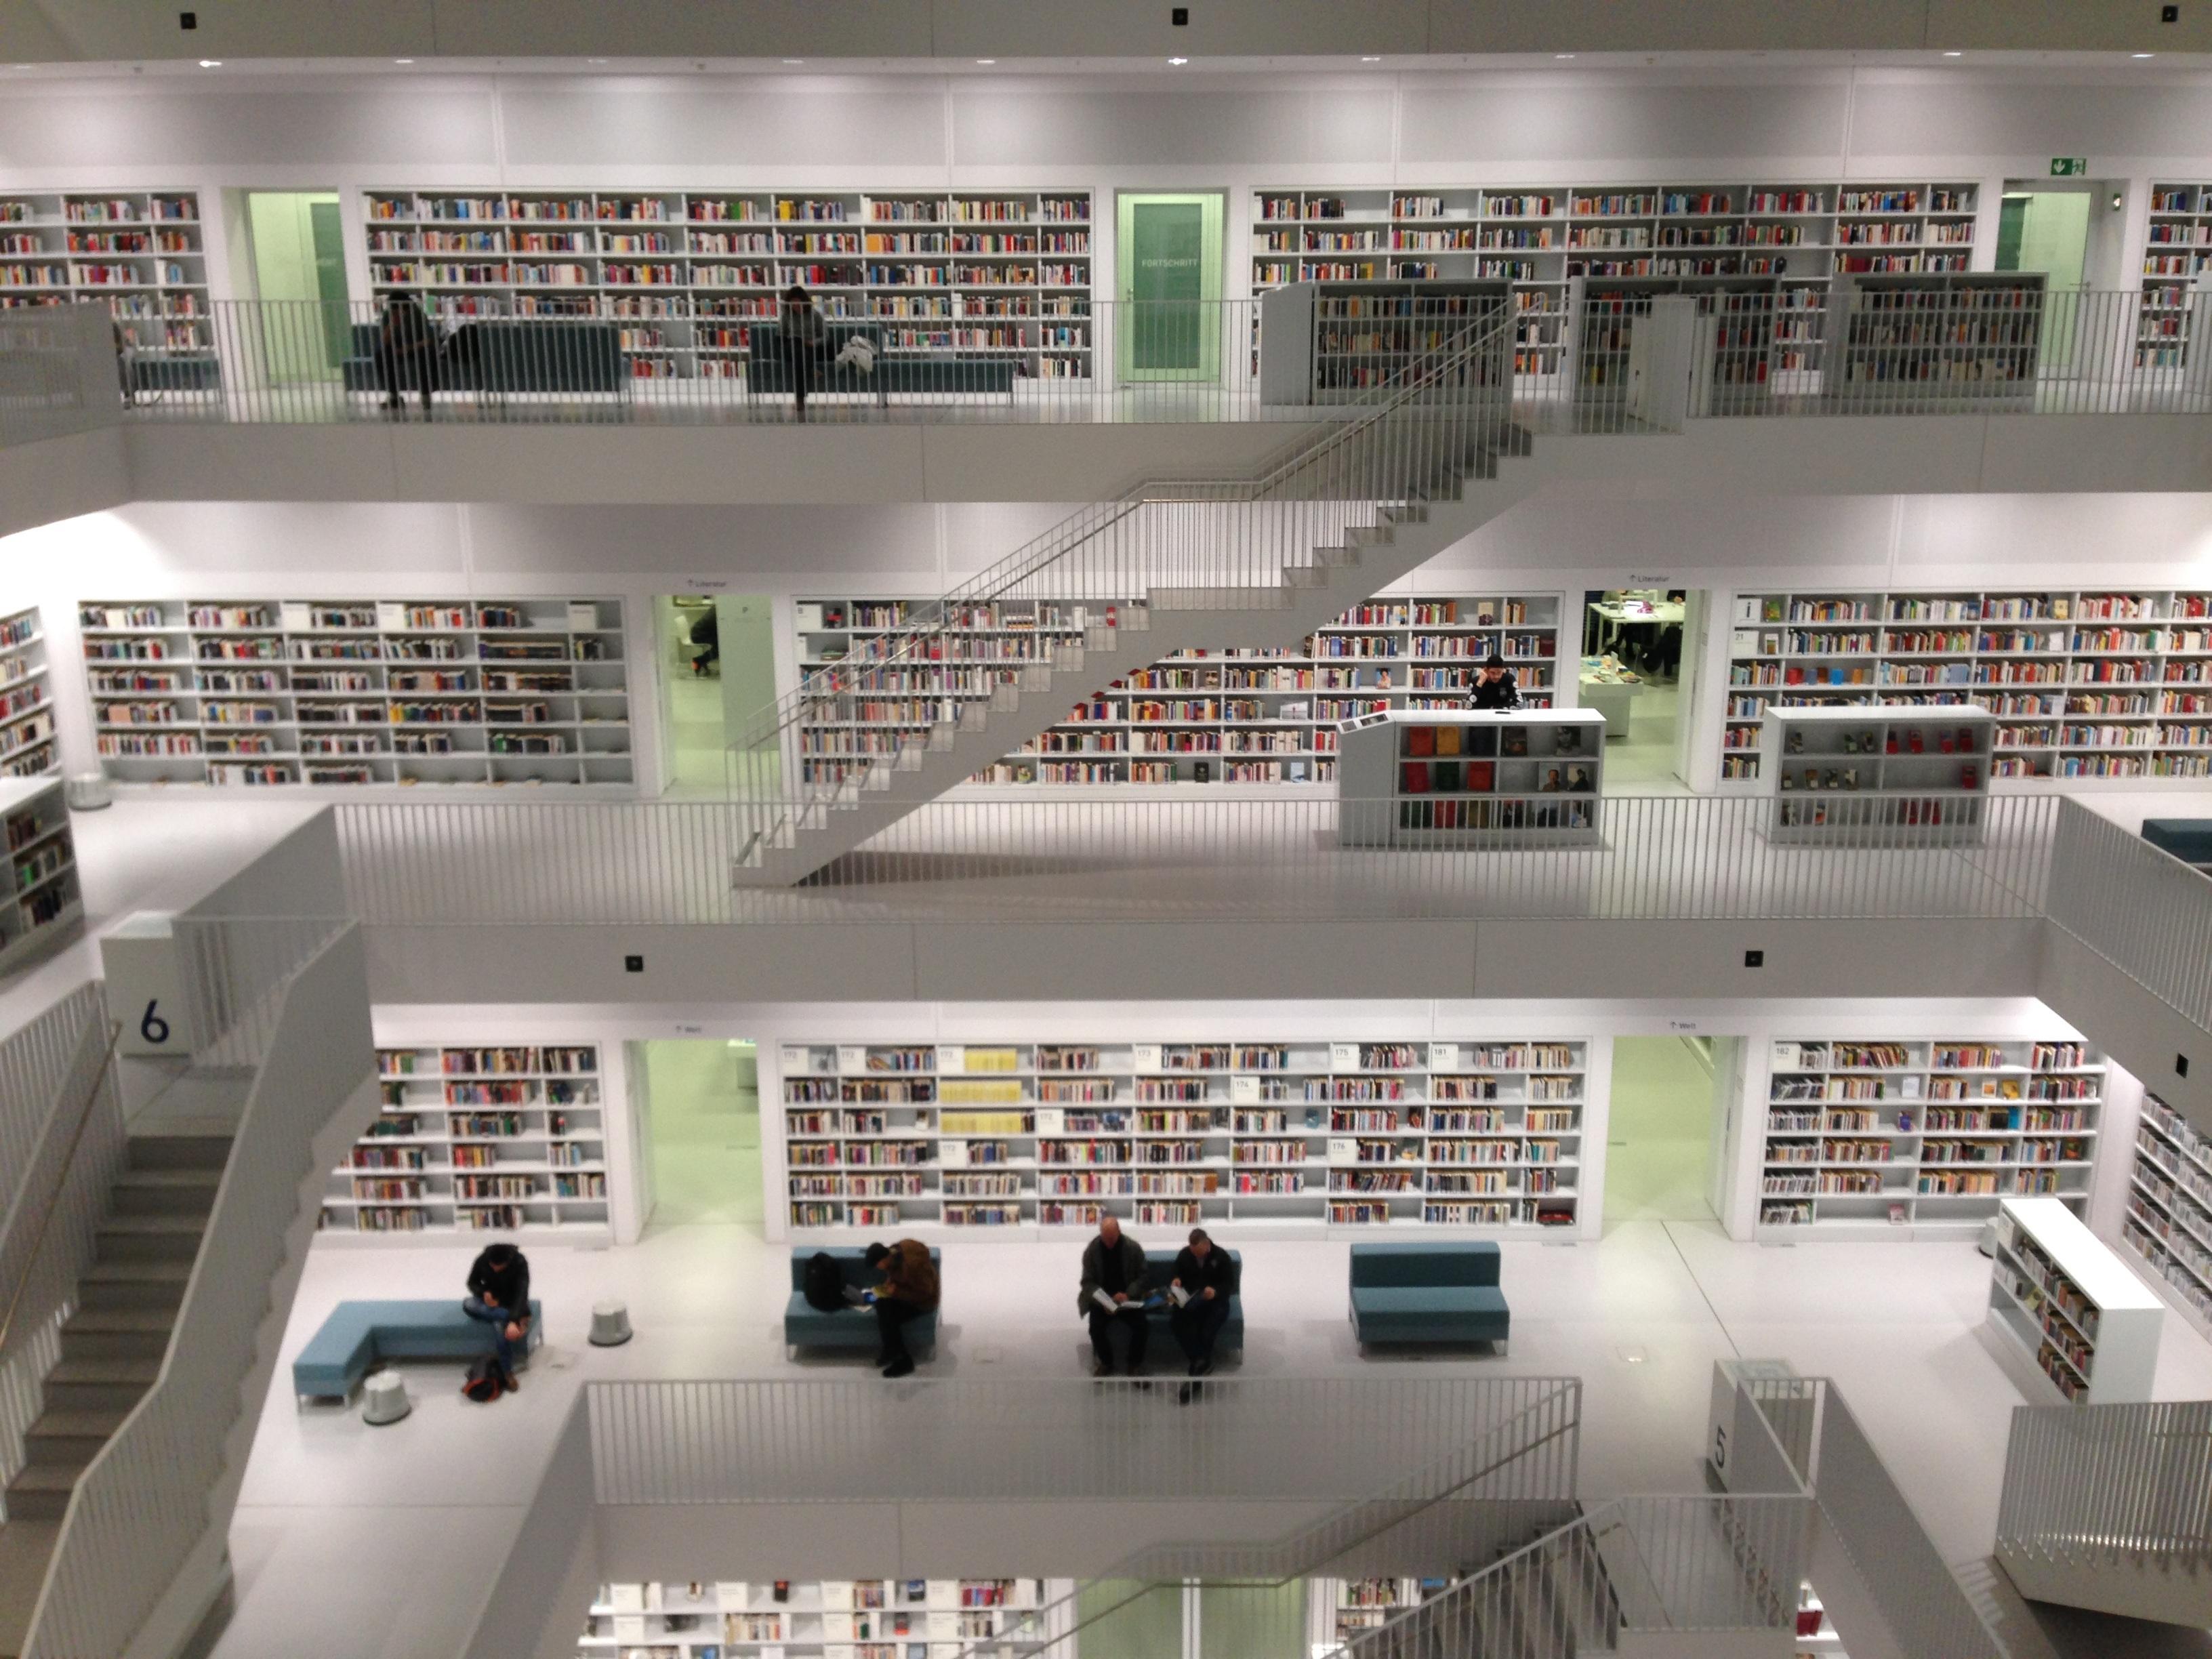 Innenarchitektur Bücher kostenlose foto gebäude studio innenarchitektur bibliothek